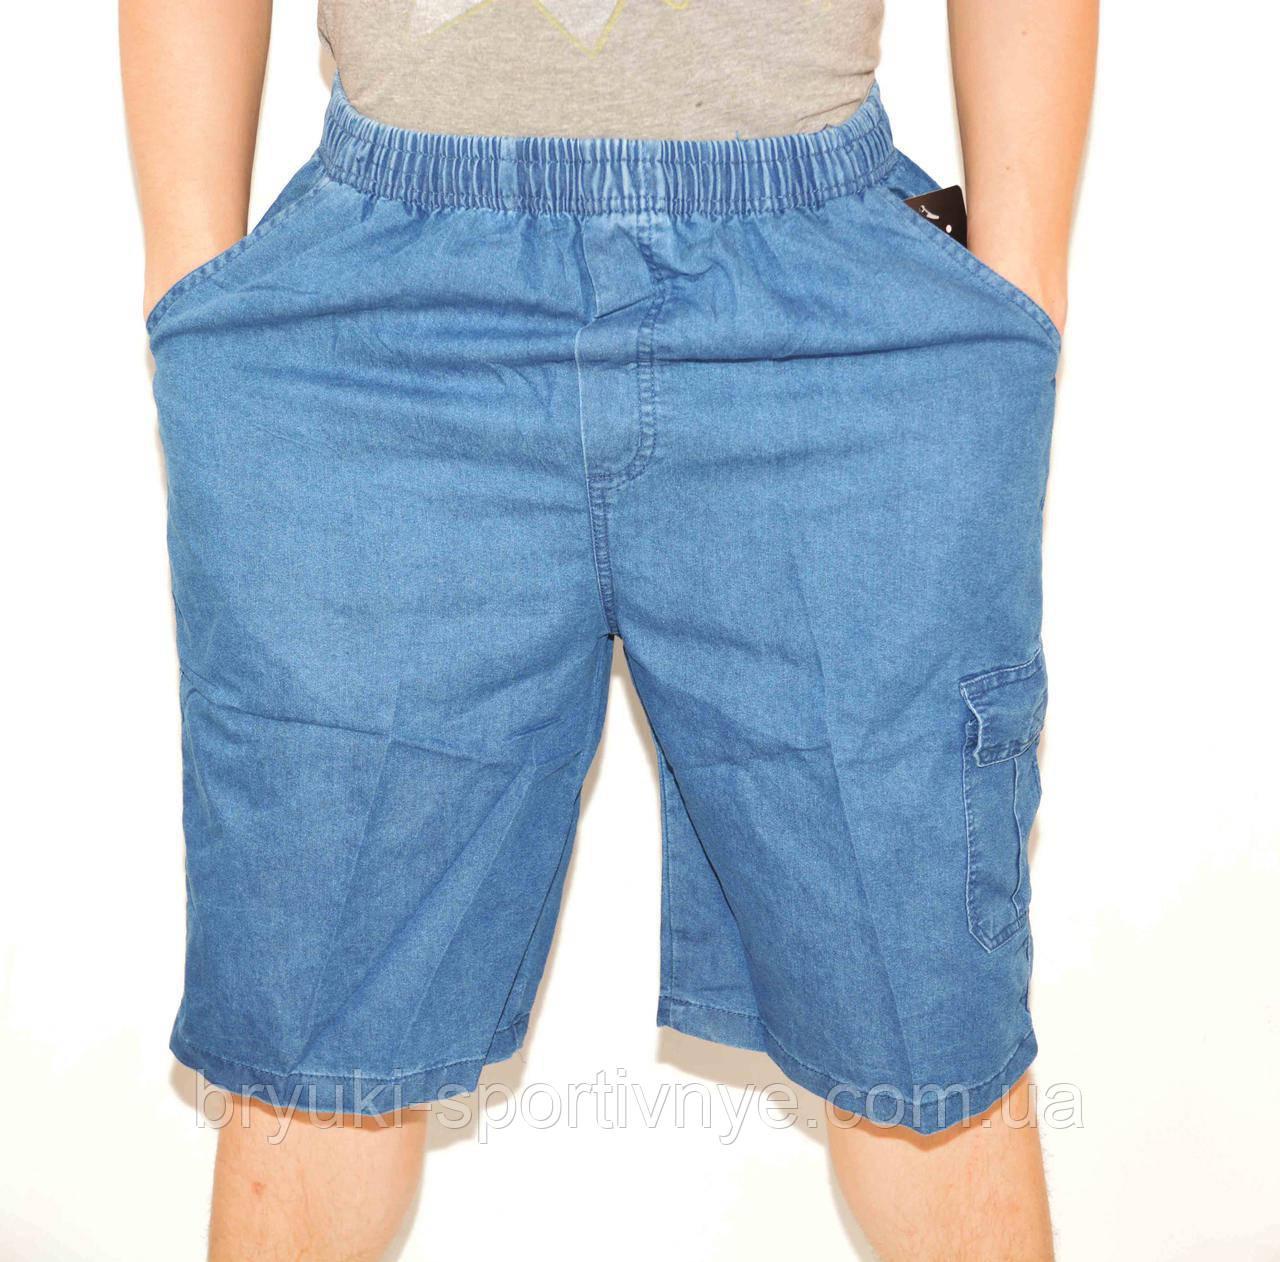 Бриджи мужские под джинс - большие размеры